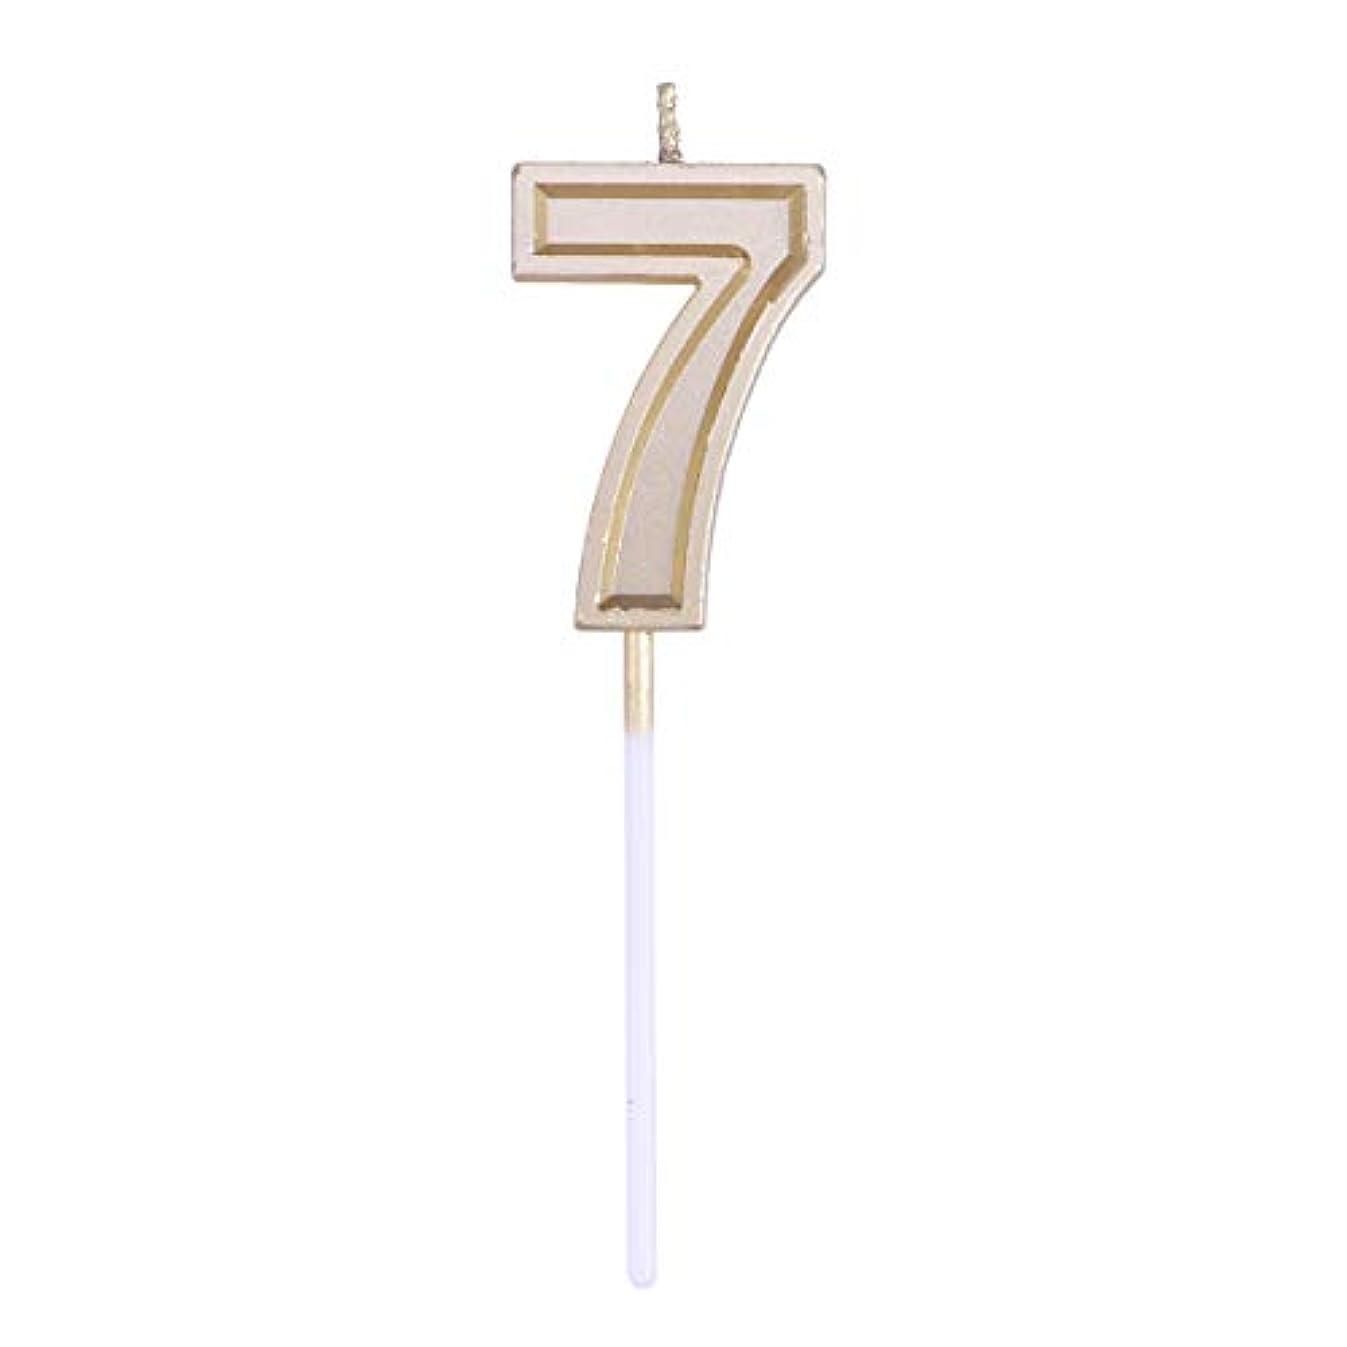 逆説申し立てられた沼地Toyvian ゴールドラメ誕生日おめでとう数字キャンドル番号キャンドルケーキトッパー装飾用大人キッズパーティー(番号7)